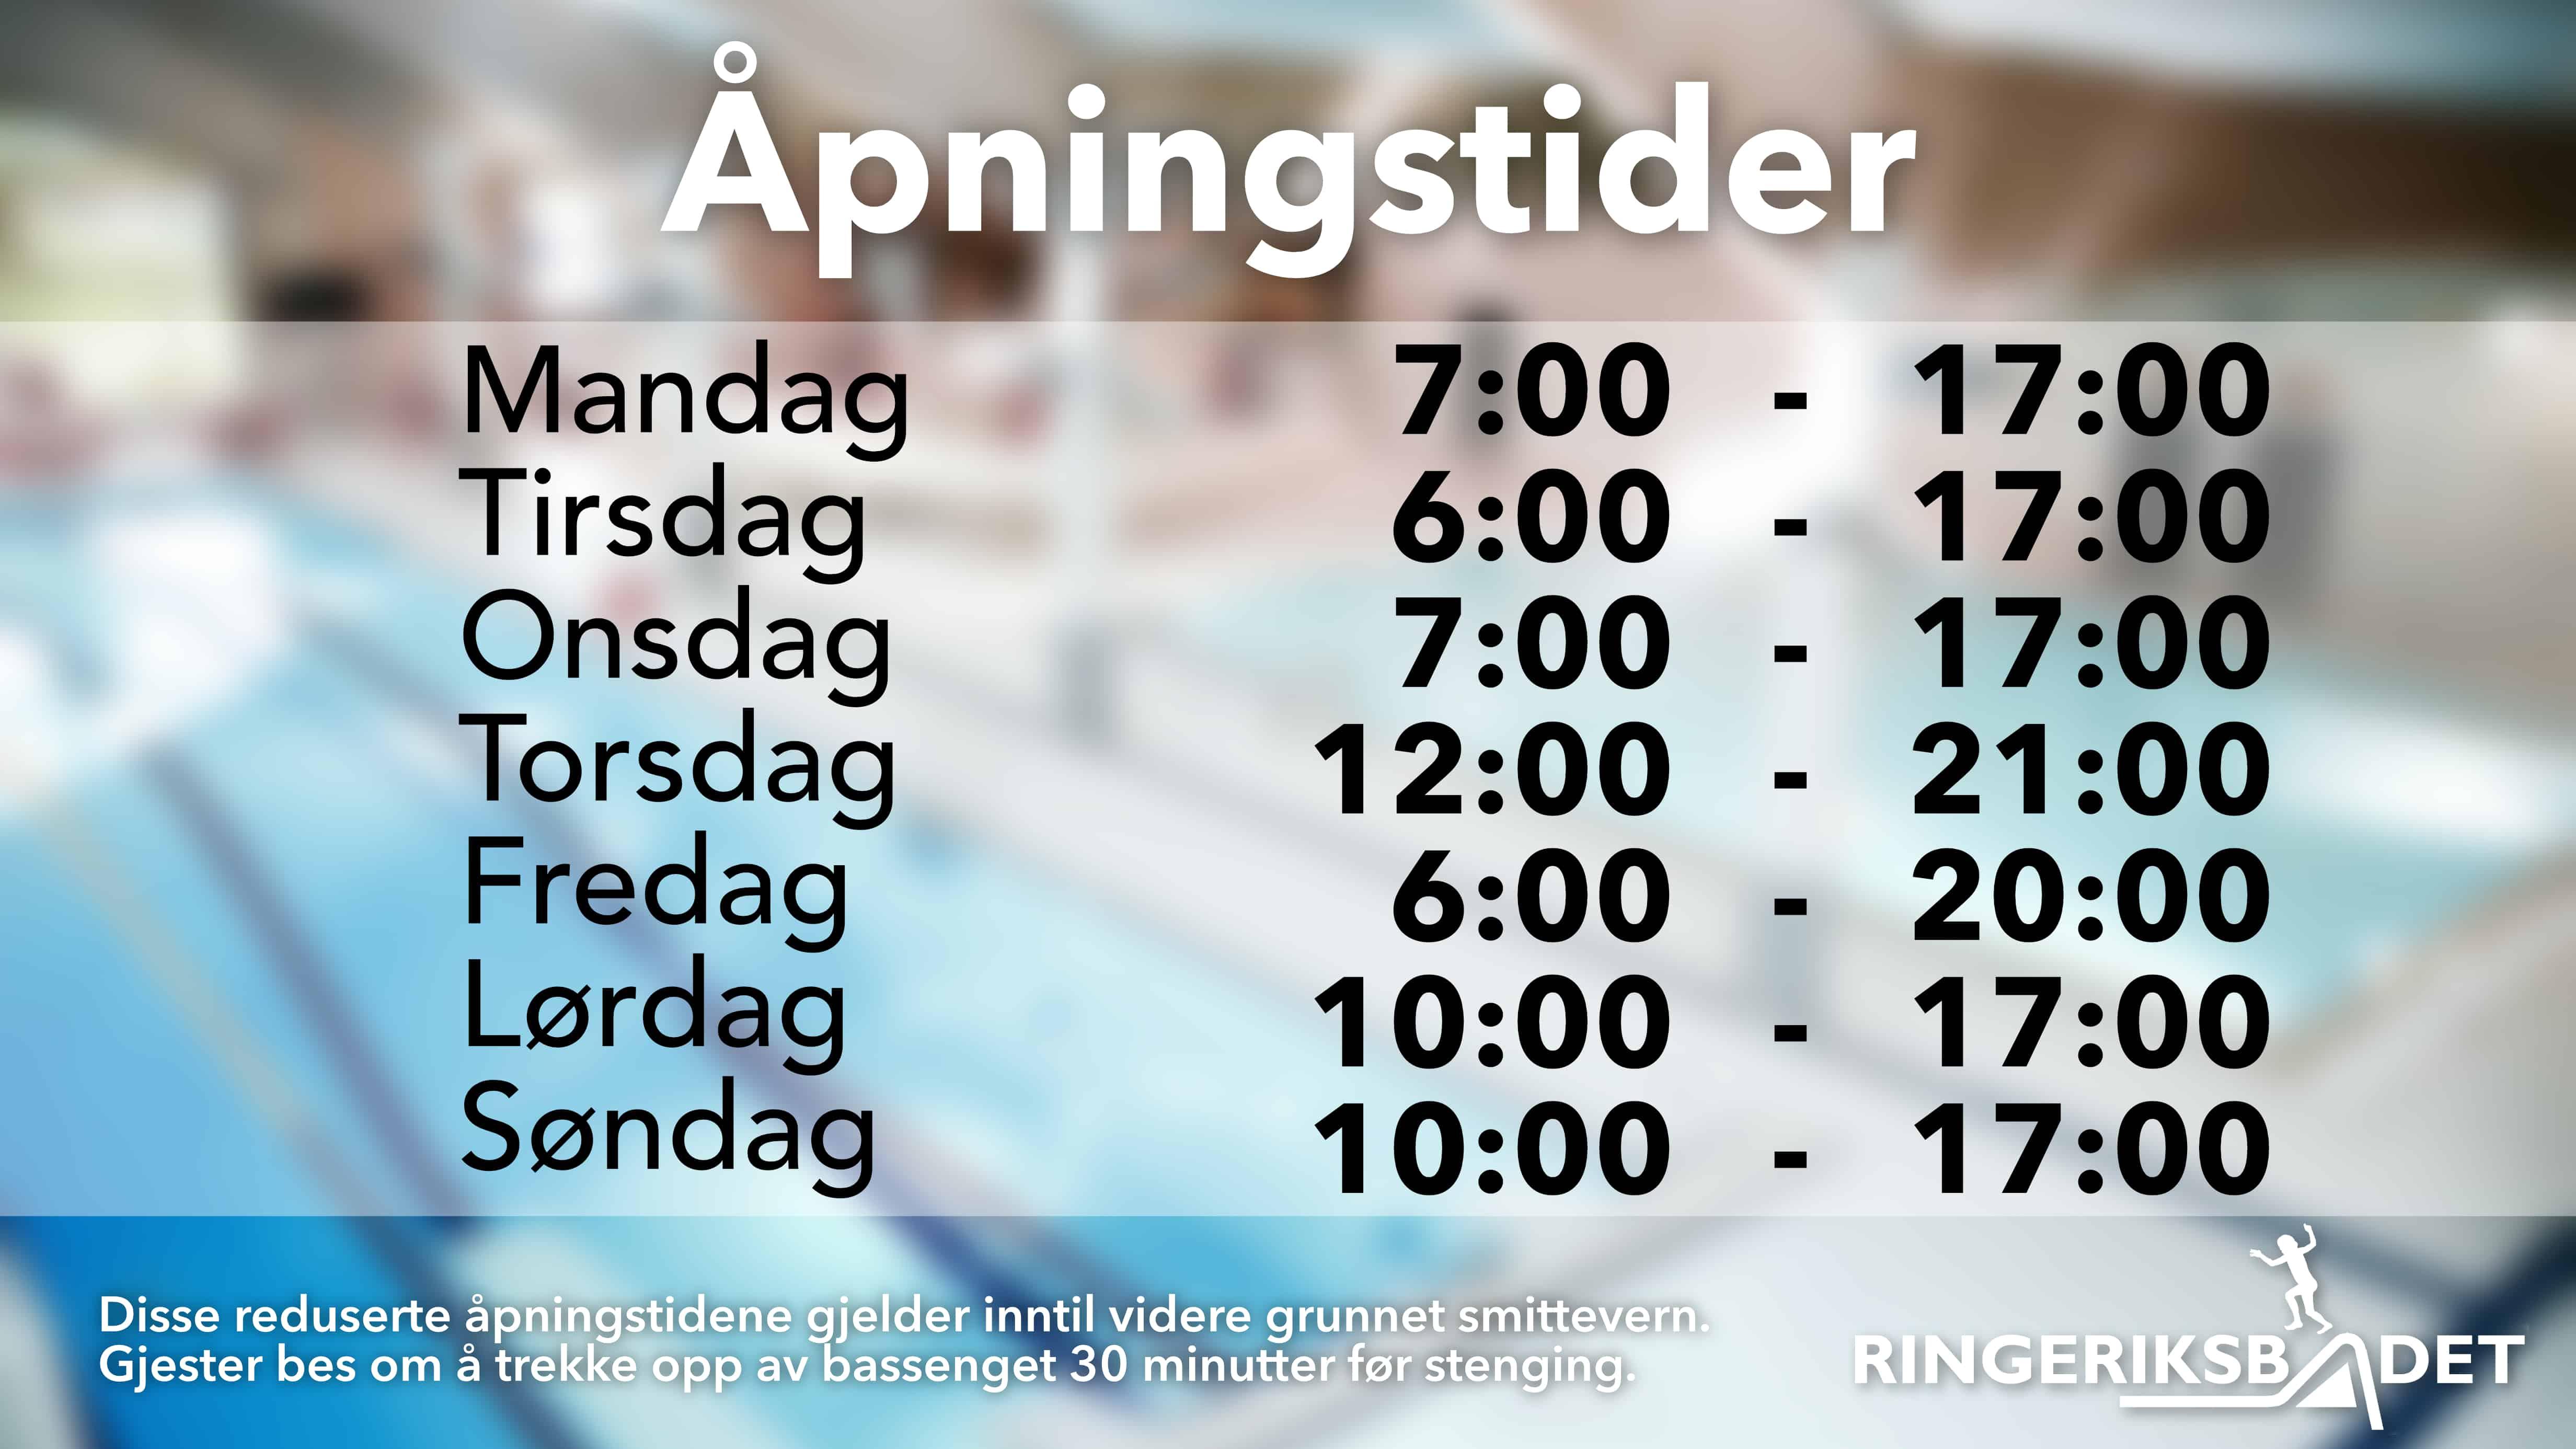 Nye åpningstider fra tirsdag 18. august